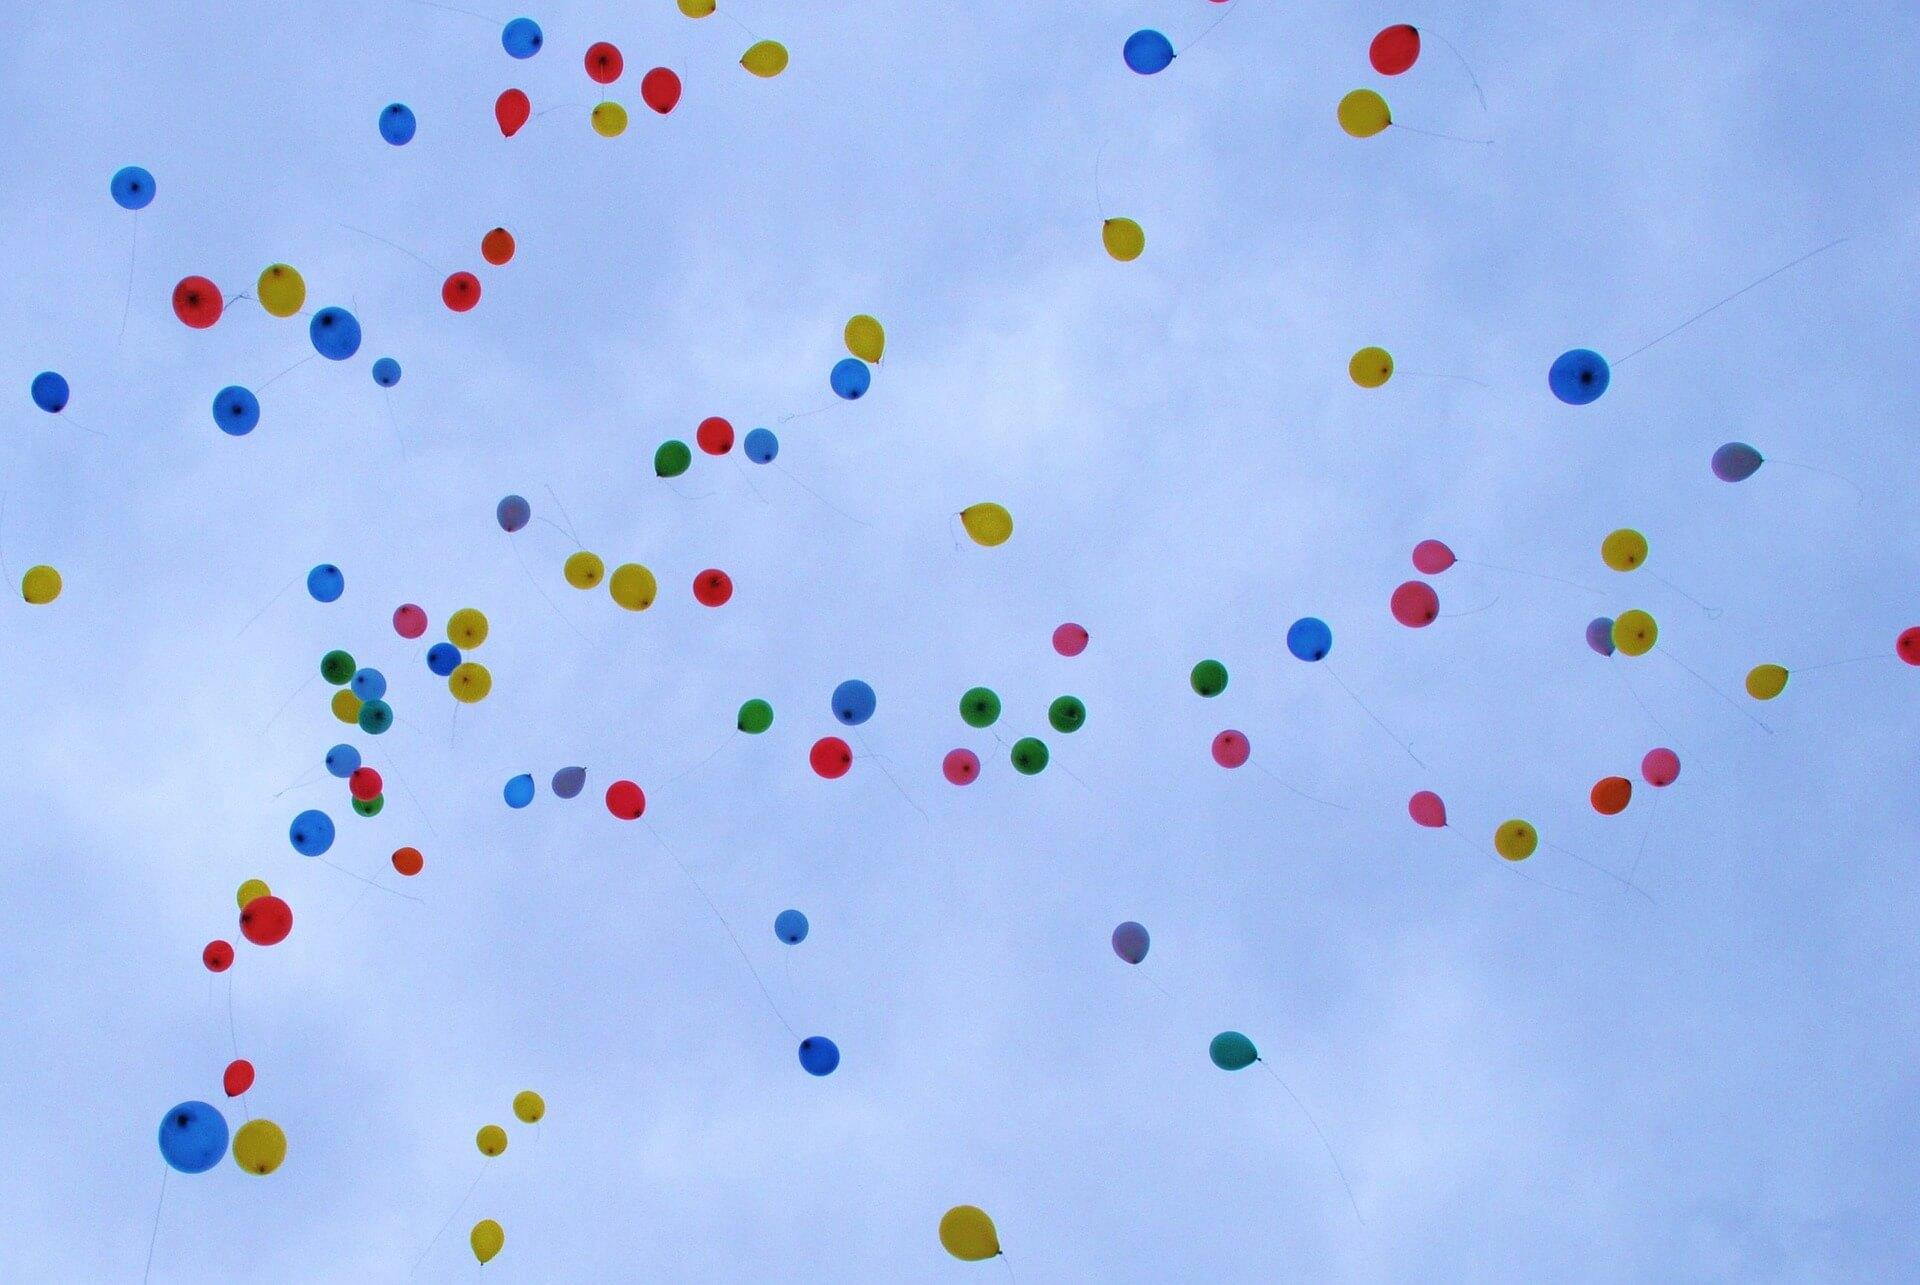 Gründung des Vereins - Luftballons am Himmel